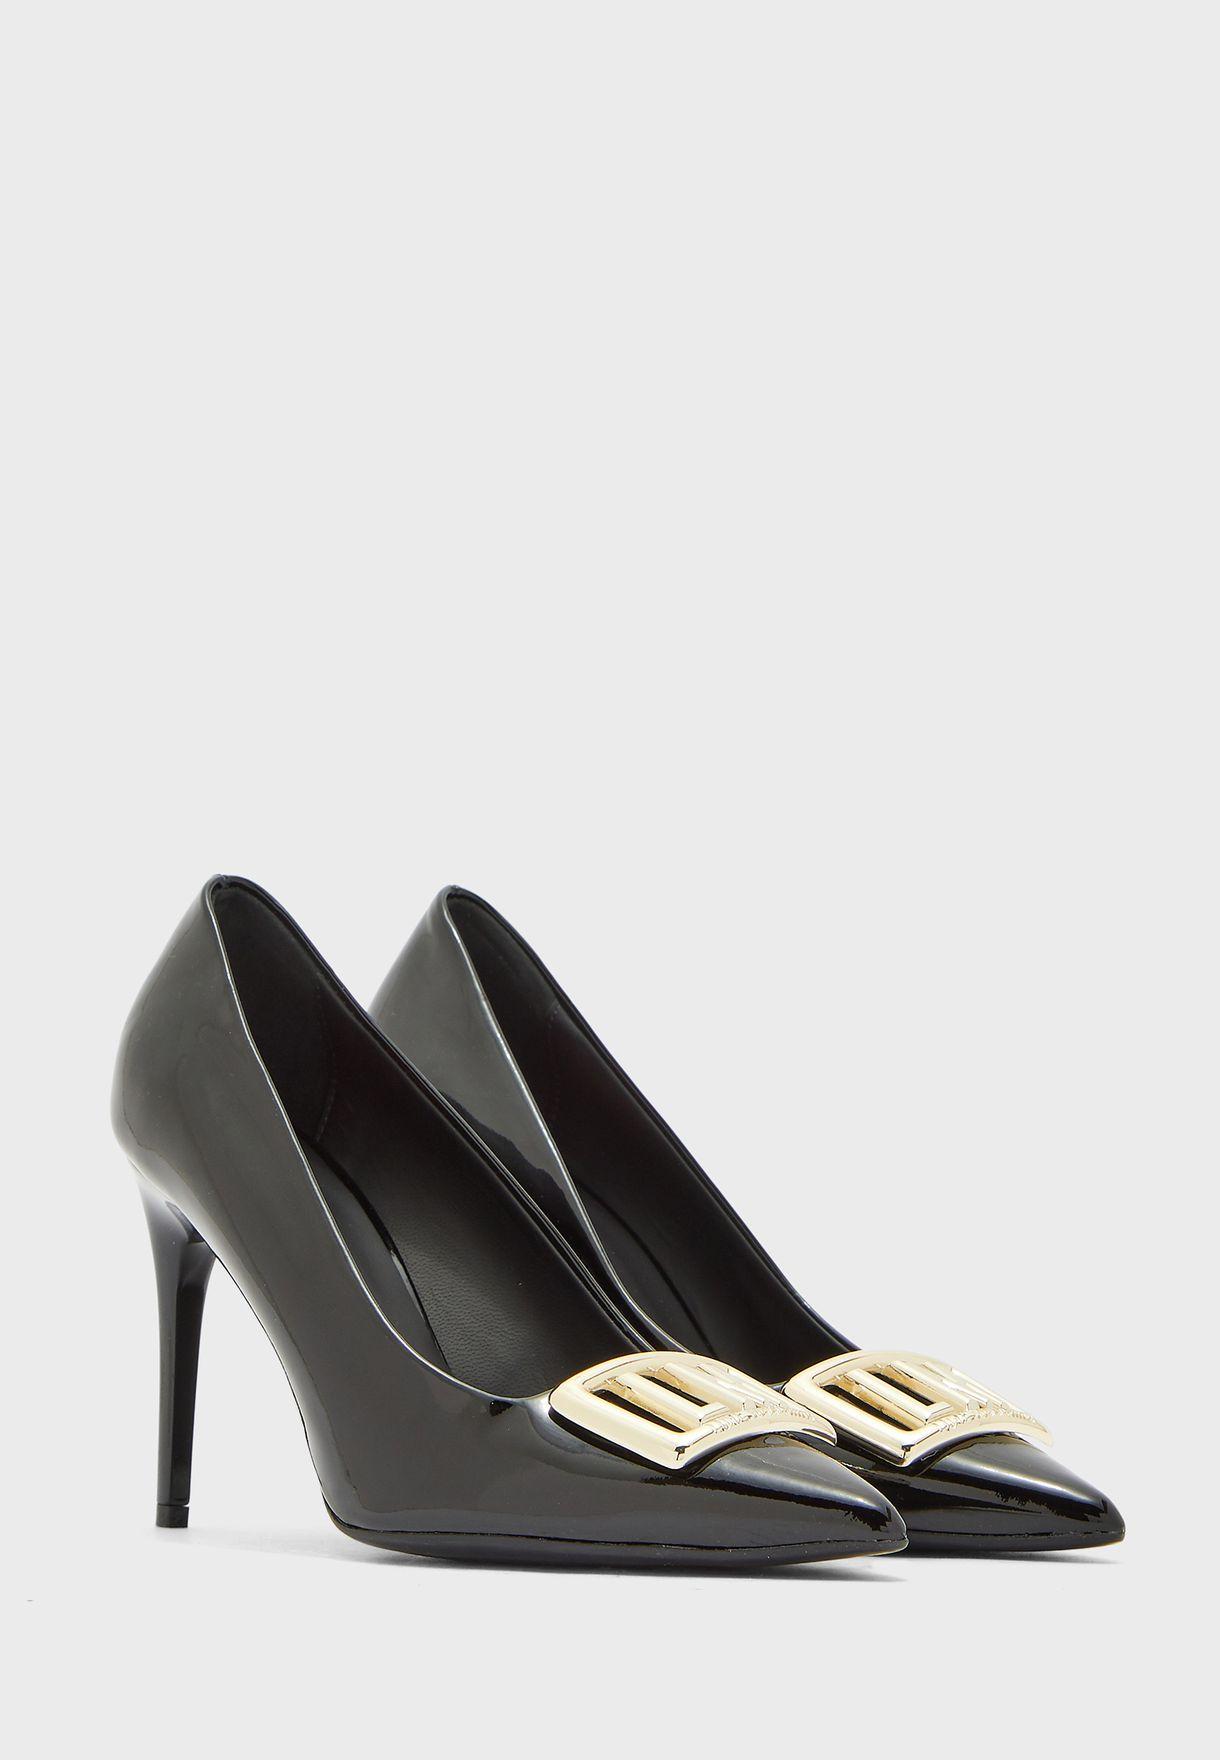 حذاء لامع بكعب عالي